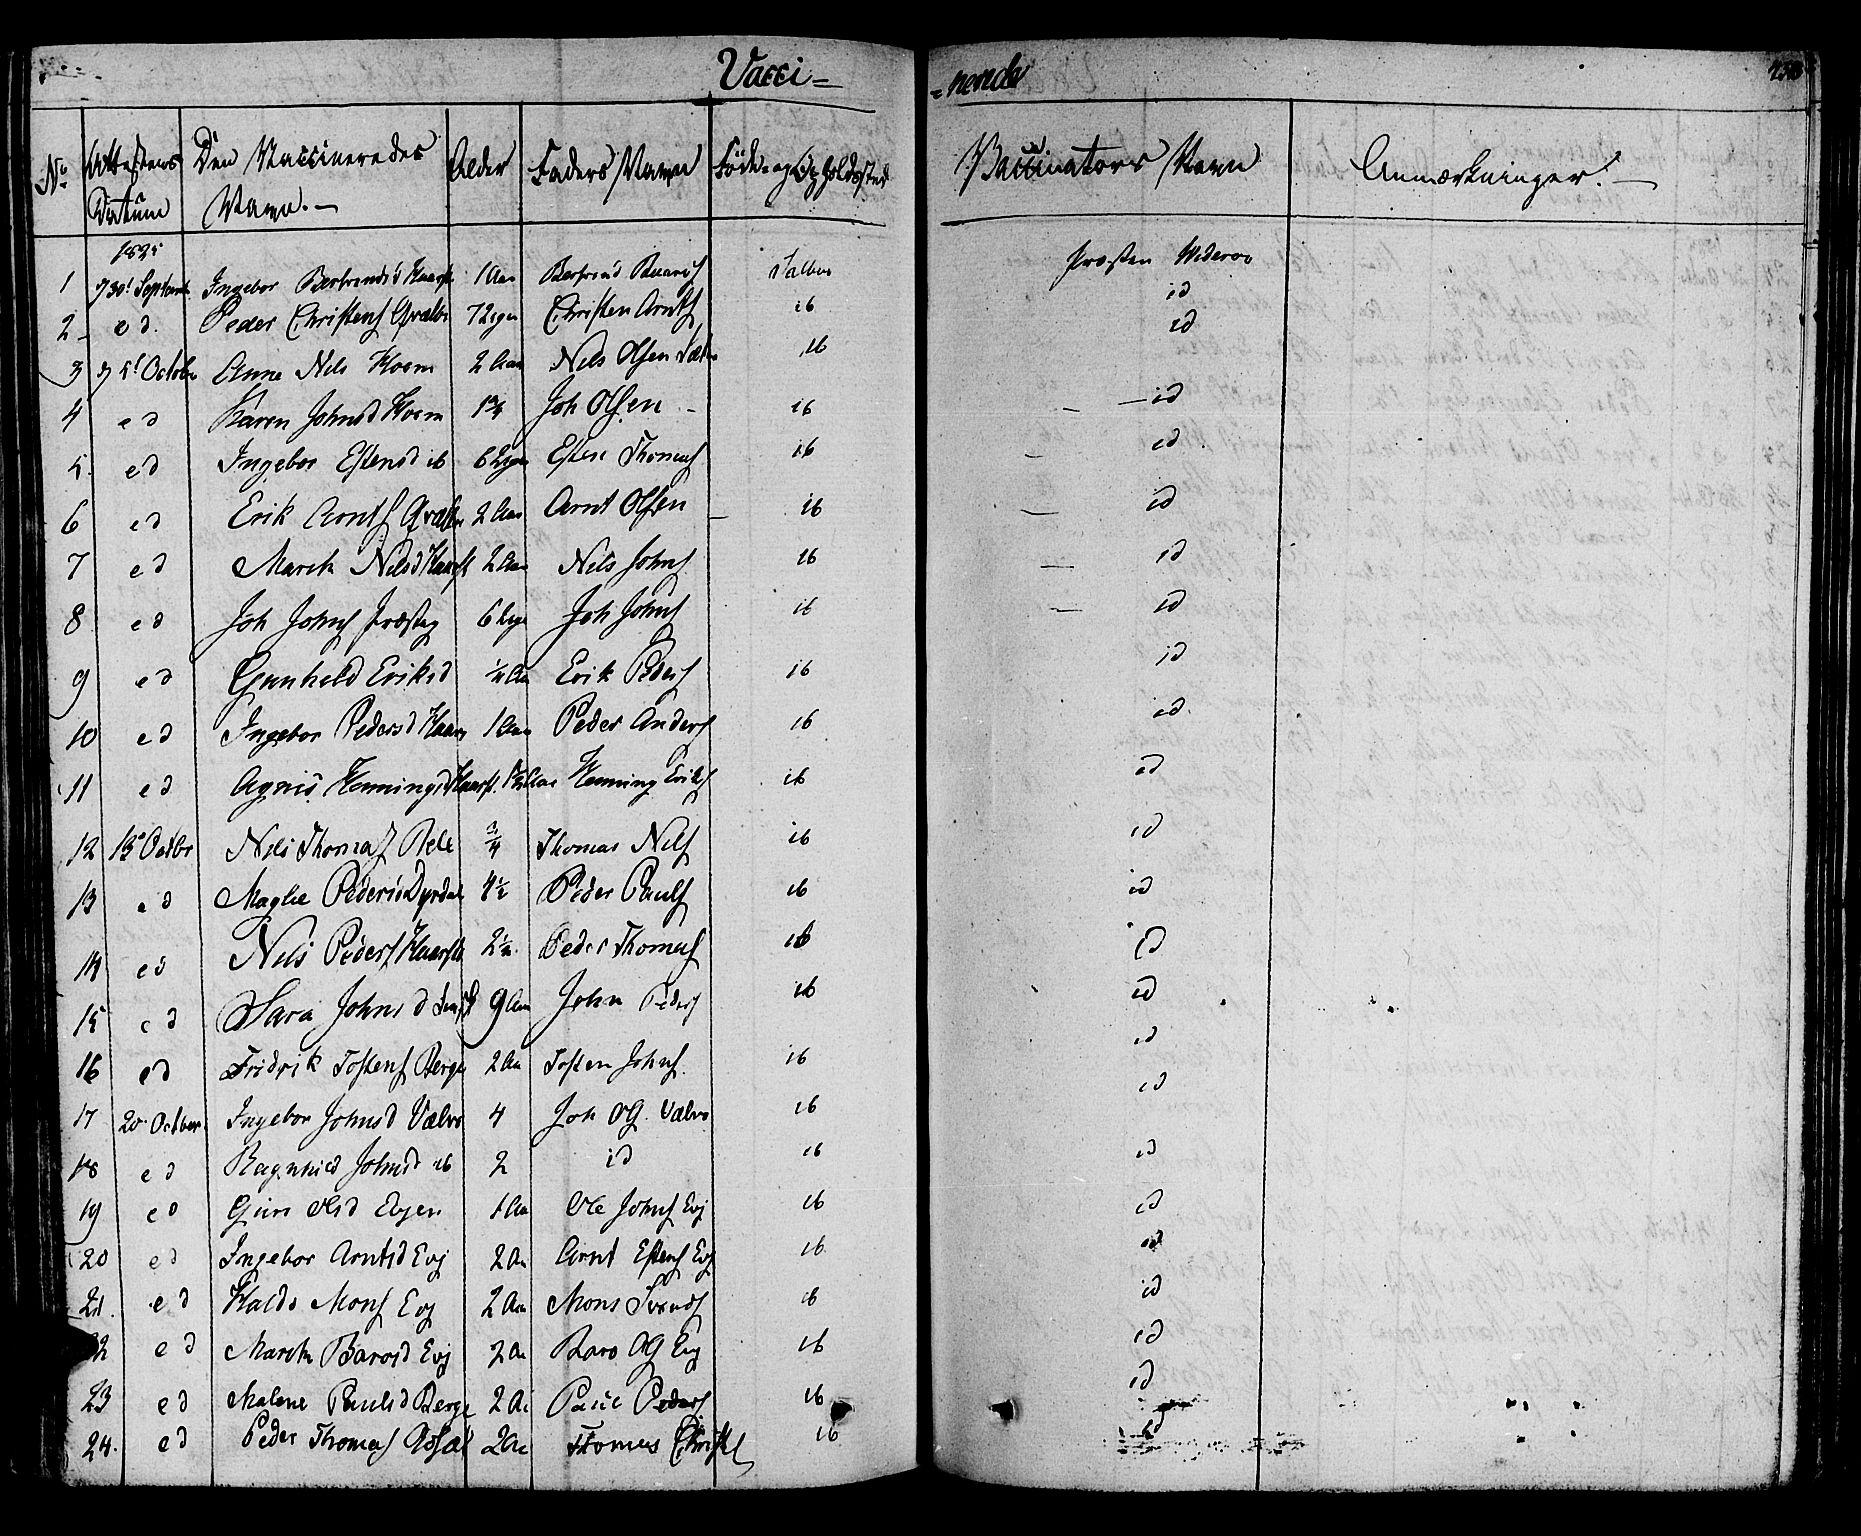 SAT, Ministerialprotokoller, klokkerbøker og fødselsregistre - Sør-Trøndelag, 695/L1143: Ministerialbok nr. 695A05 /1, 1824-1842, s. 433